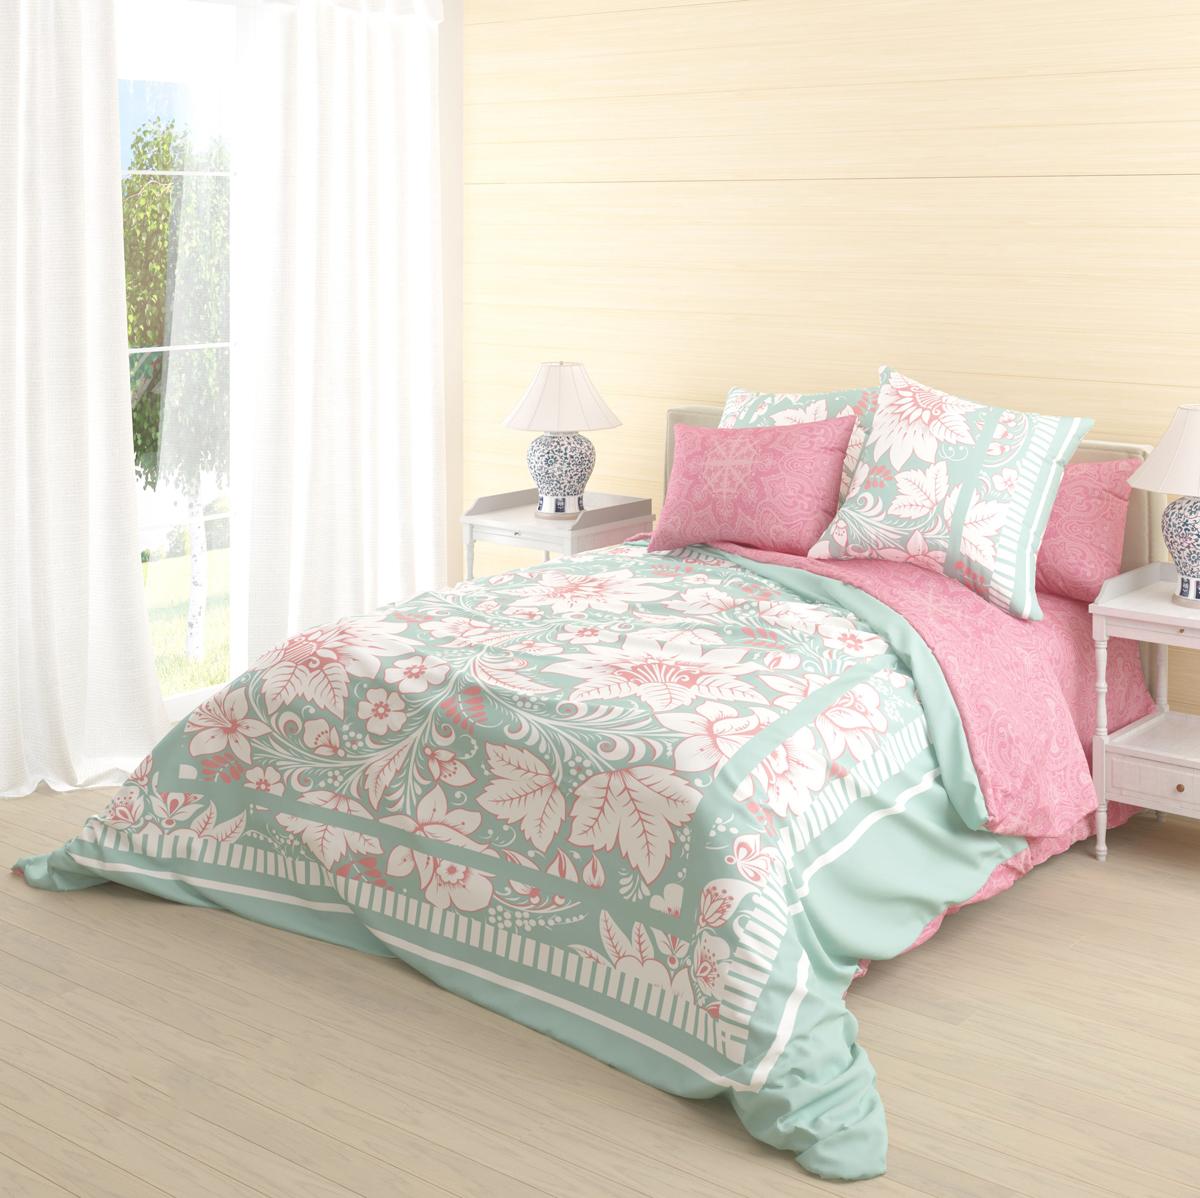 Комплект белья Волшебная ночь Biruza, евро, наволочки 50х70 см постельное белье волшебная ночь алярус biruza комплект 2 спальный ранфорс 718651